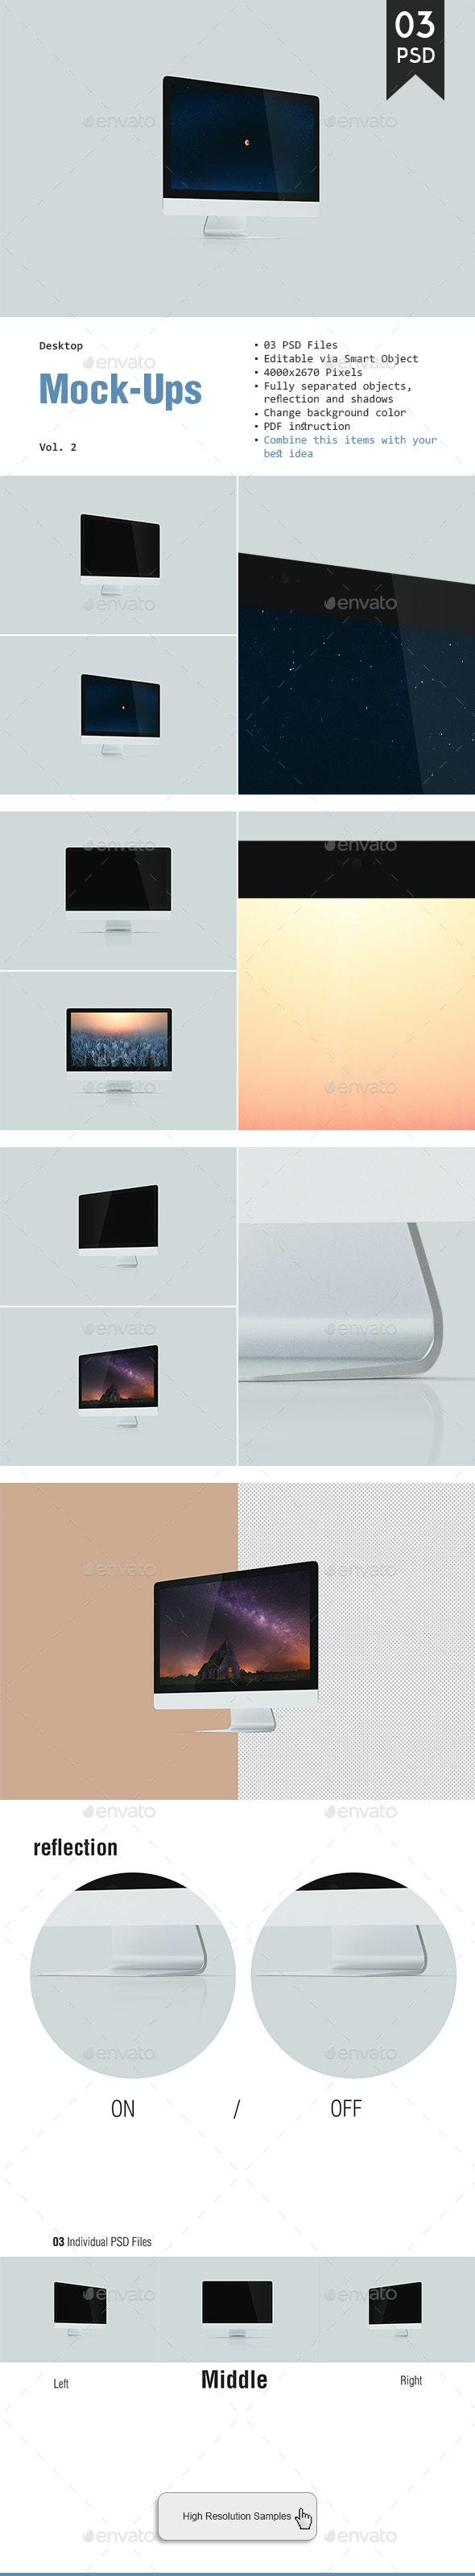 Desktop Mockup Vol. 2 - Monitors Displays